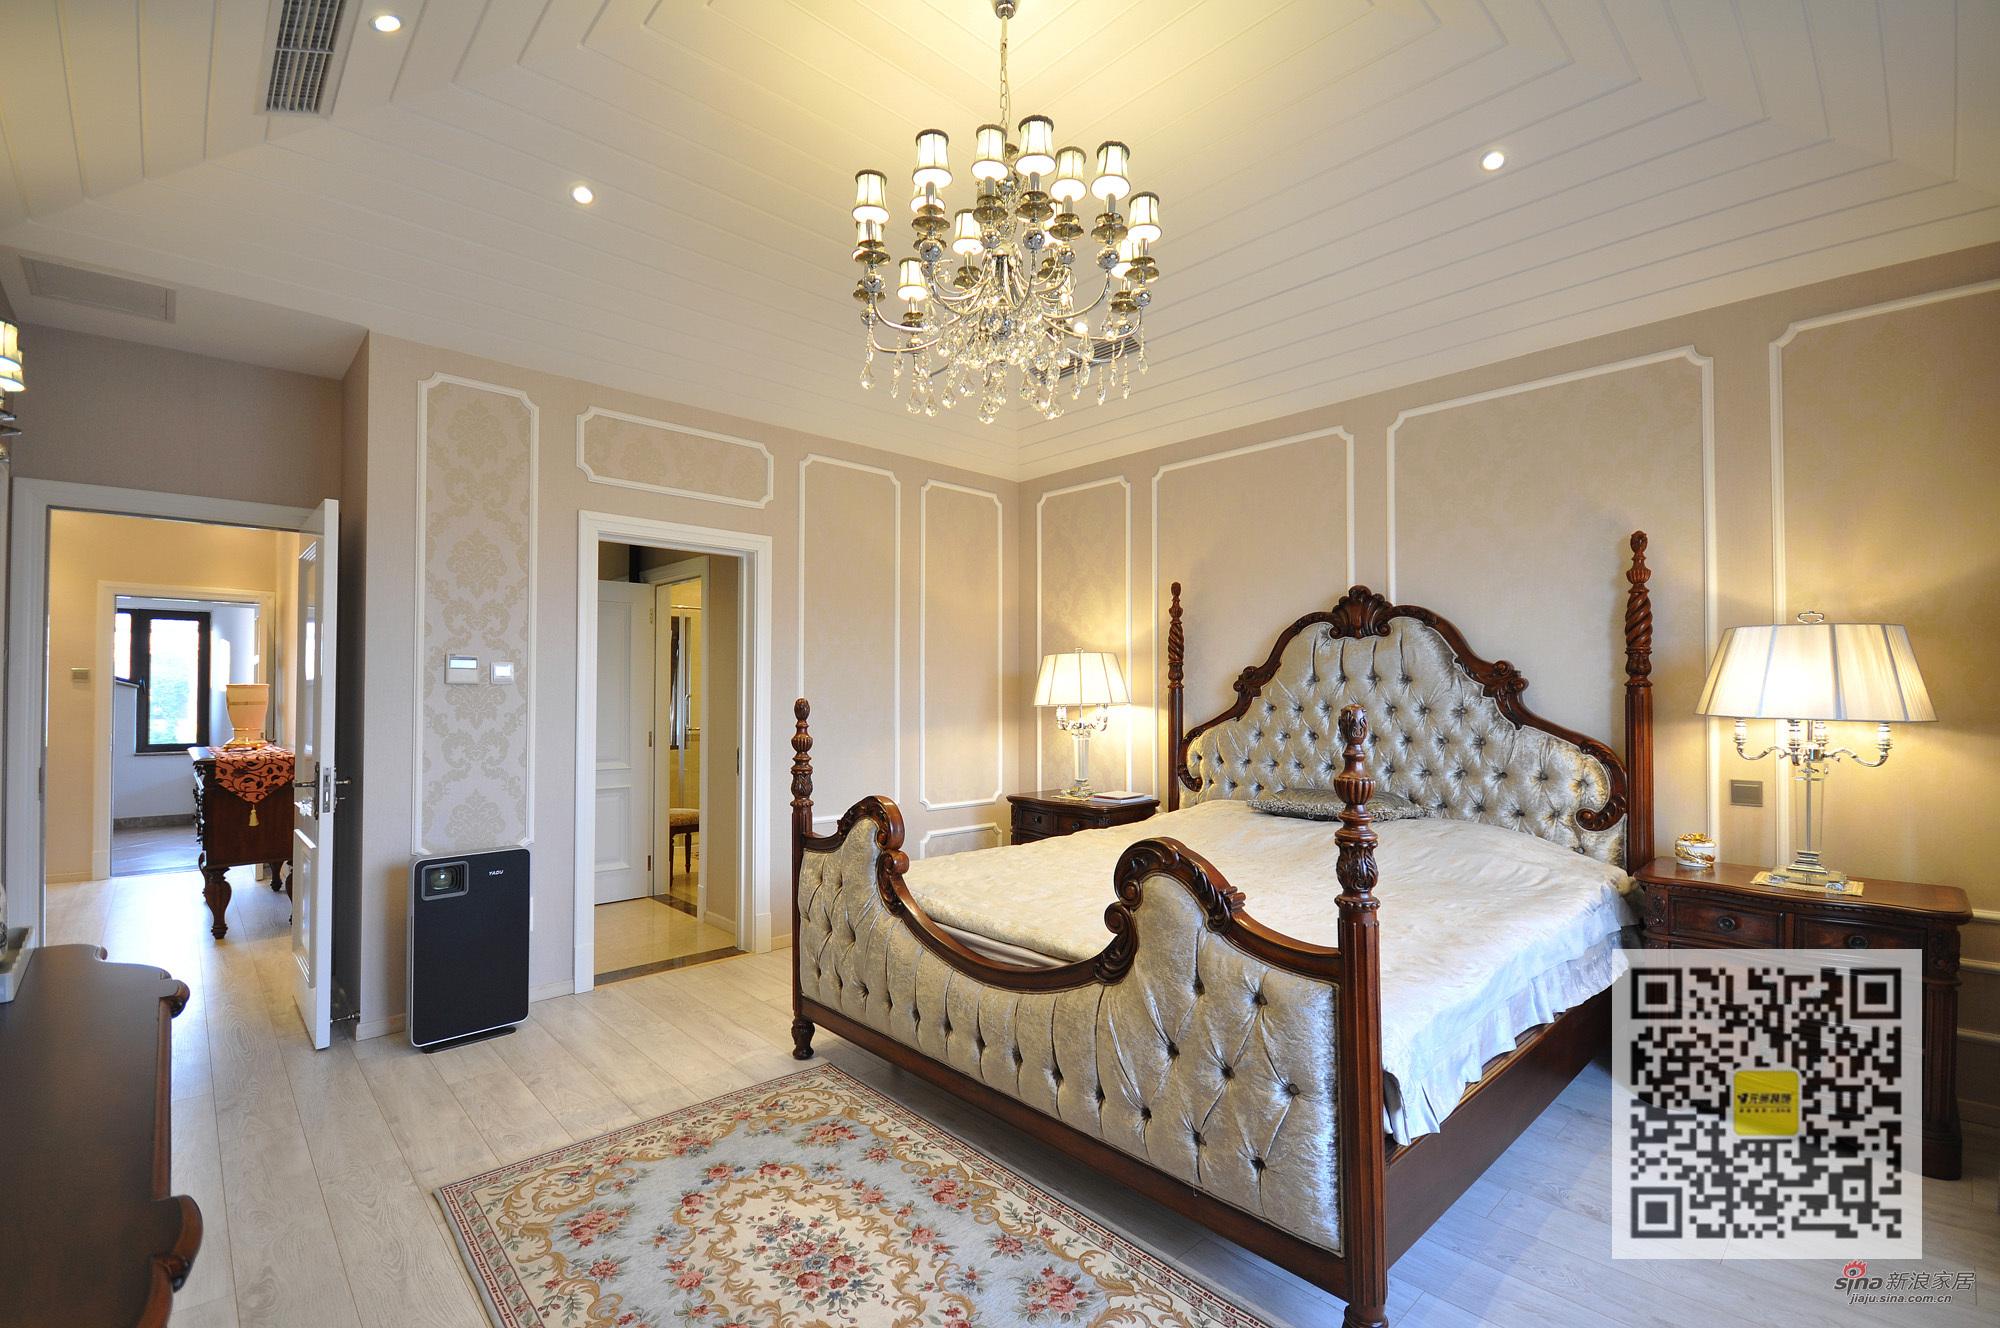 欧式 别墅 卧室图片来自用户2746948411在燕西台欧式新古典别墅装修设计31的分享